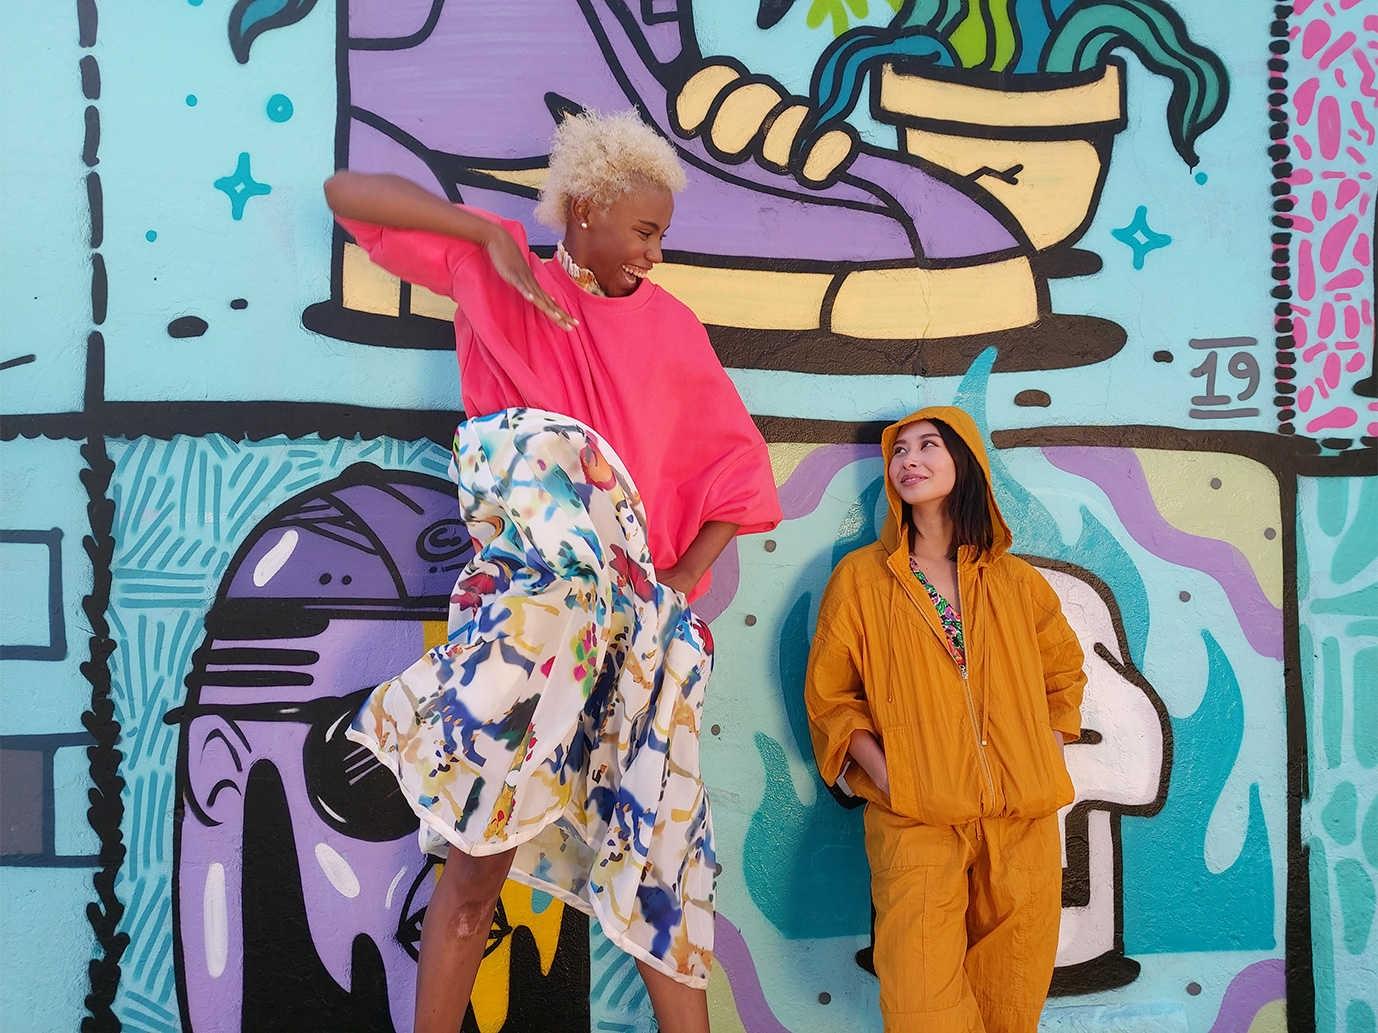 Photo capturée par l'objectif grand angle du Galaxy A80 composé de deux femmes, l'une haute et l'autre courte, devant un mur de graffitis.